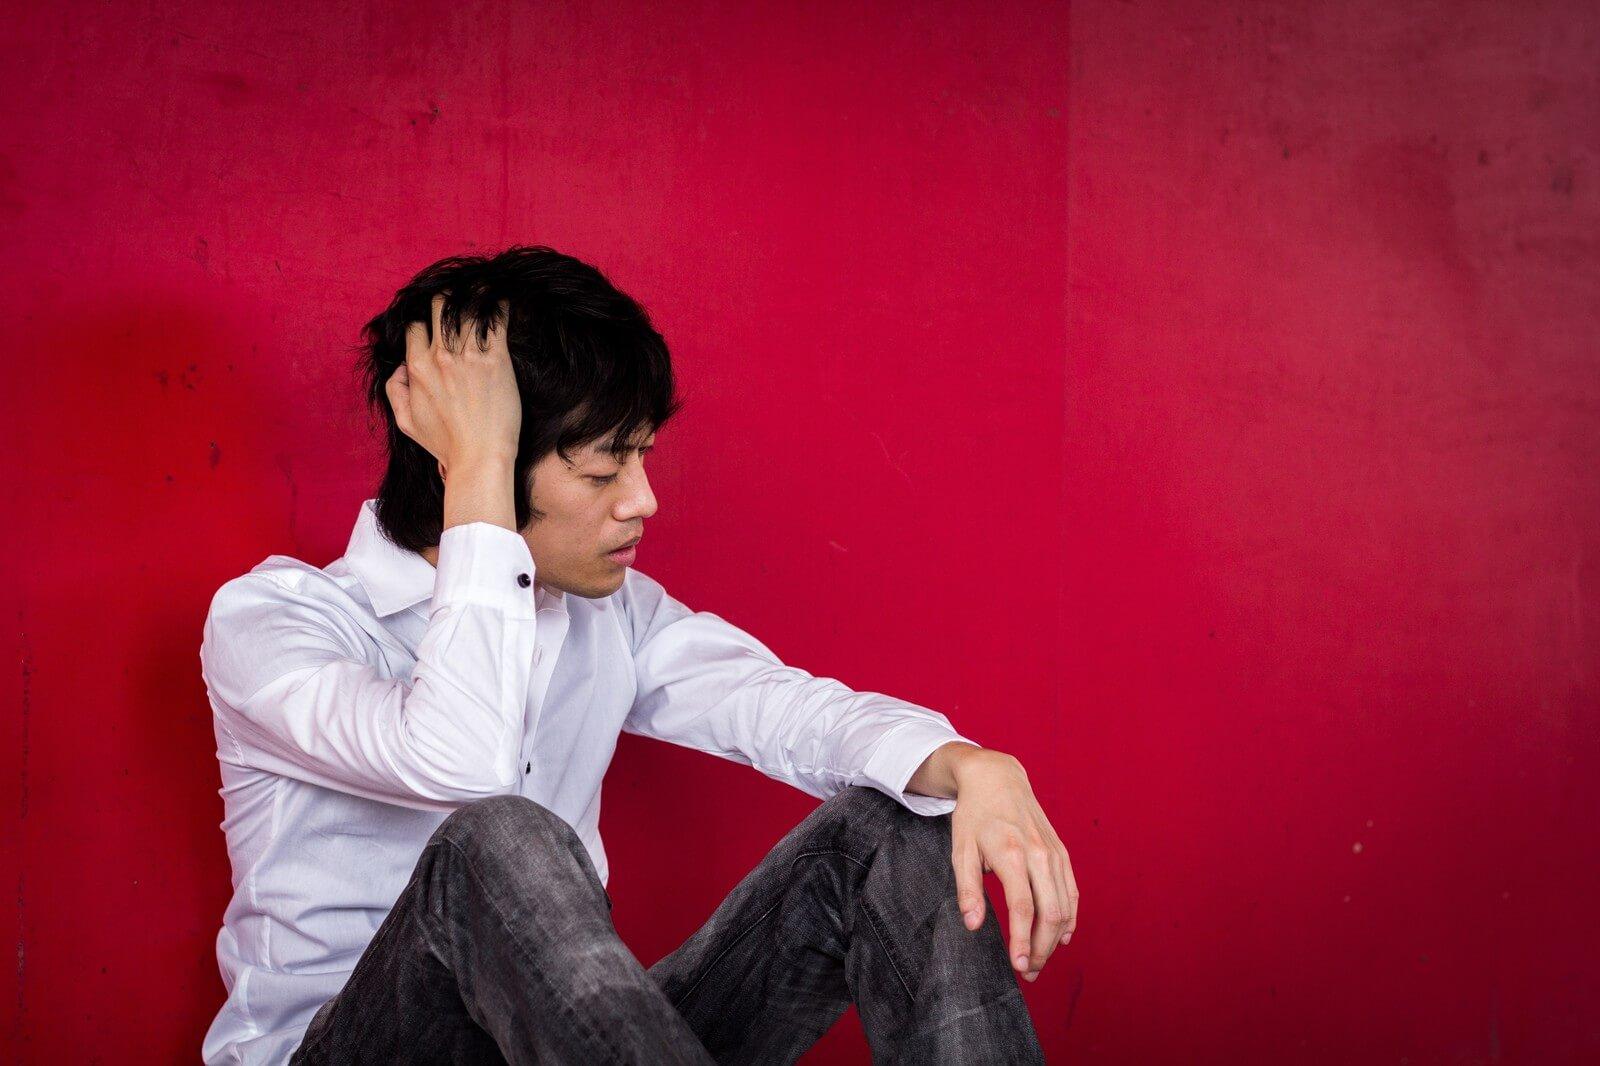 頭痛と胃痛がきている男性